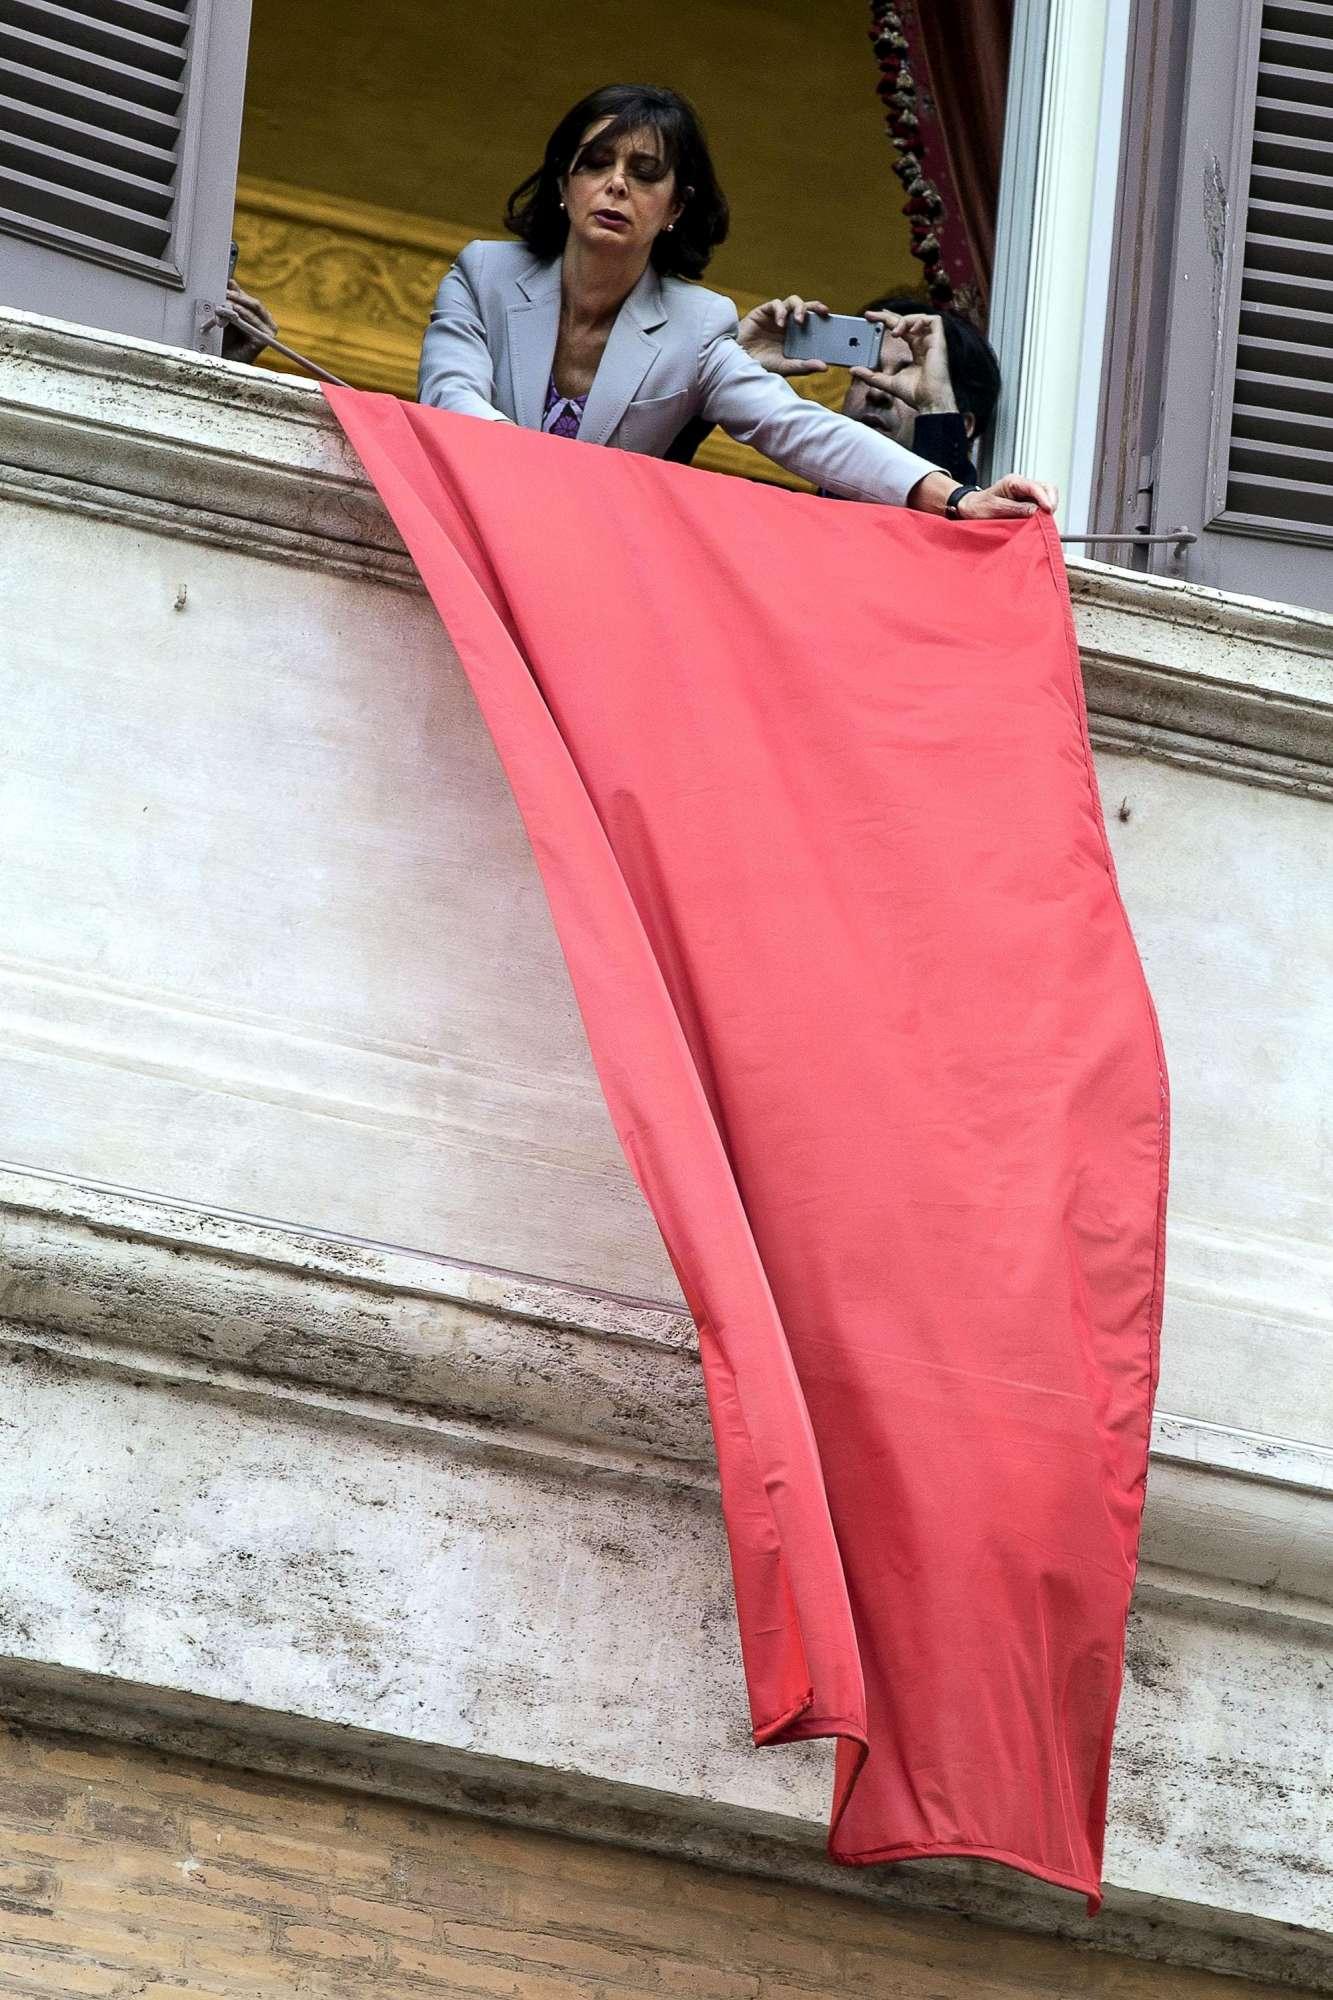 Femminicidio, Laura Boldrini espone drappo rosso contro la violenza sulle donne